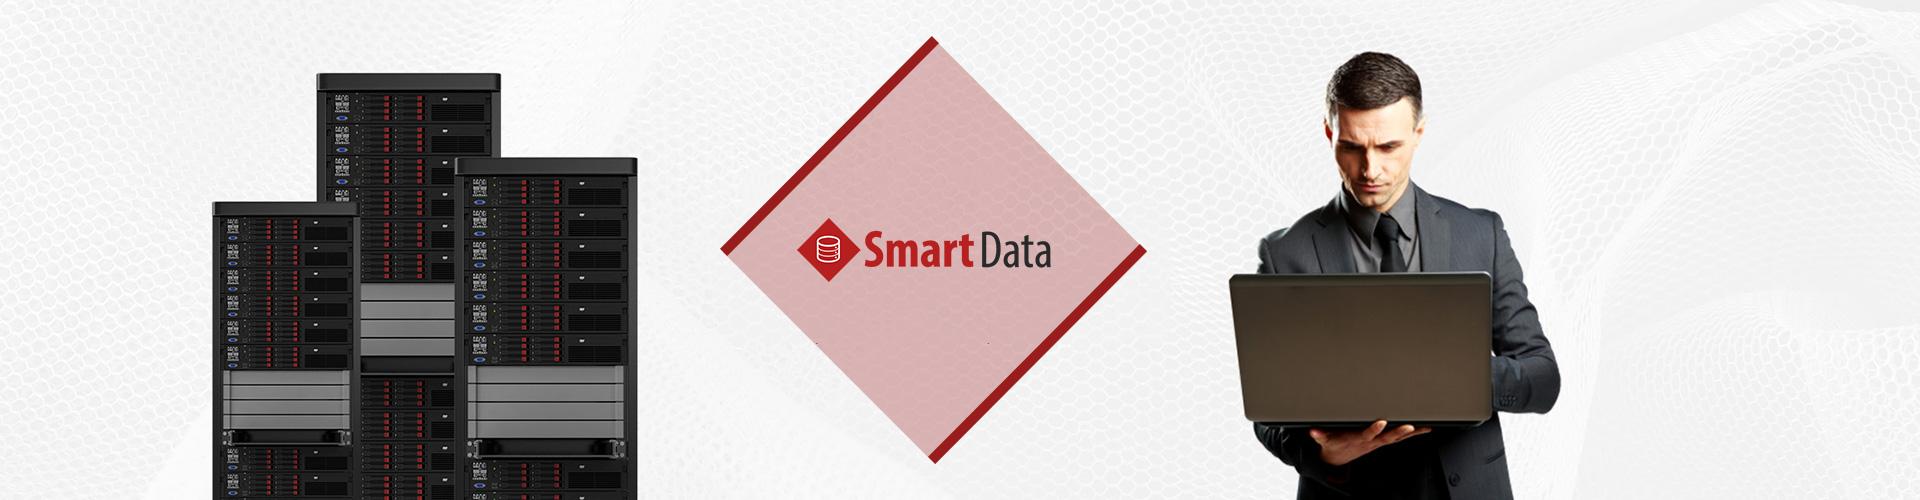 smartdata-new-banner